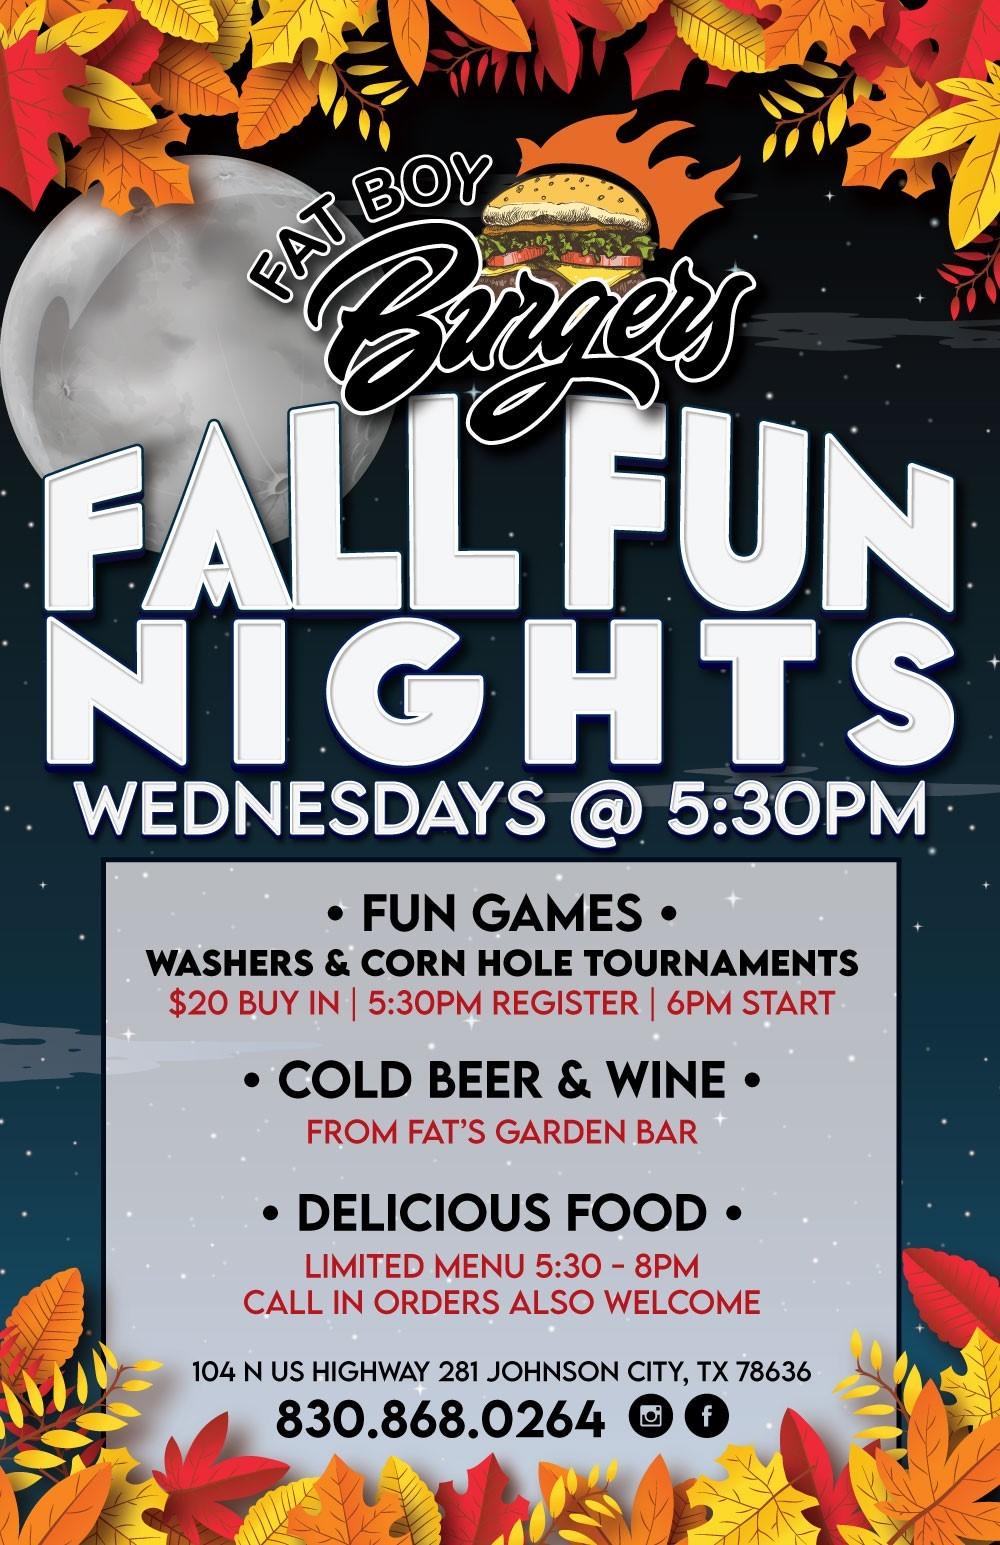 Fall Fun Nights